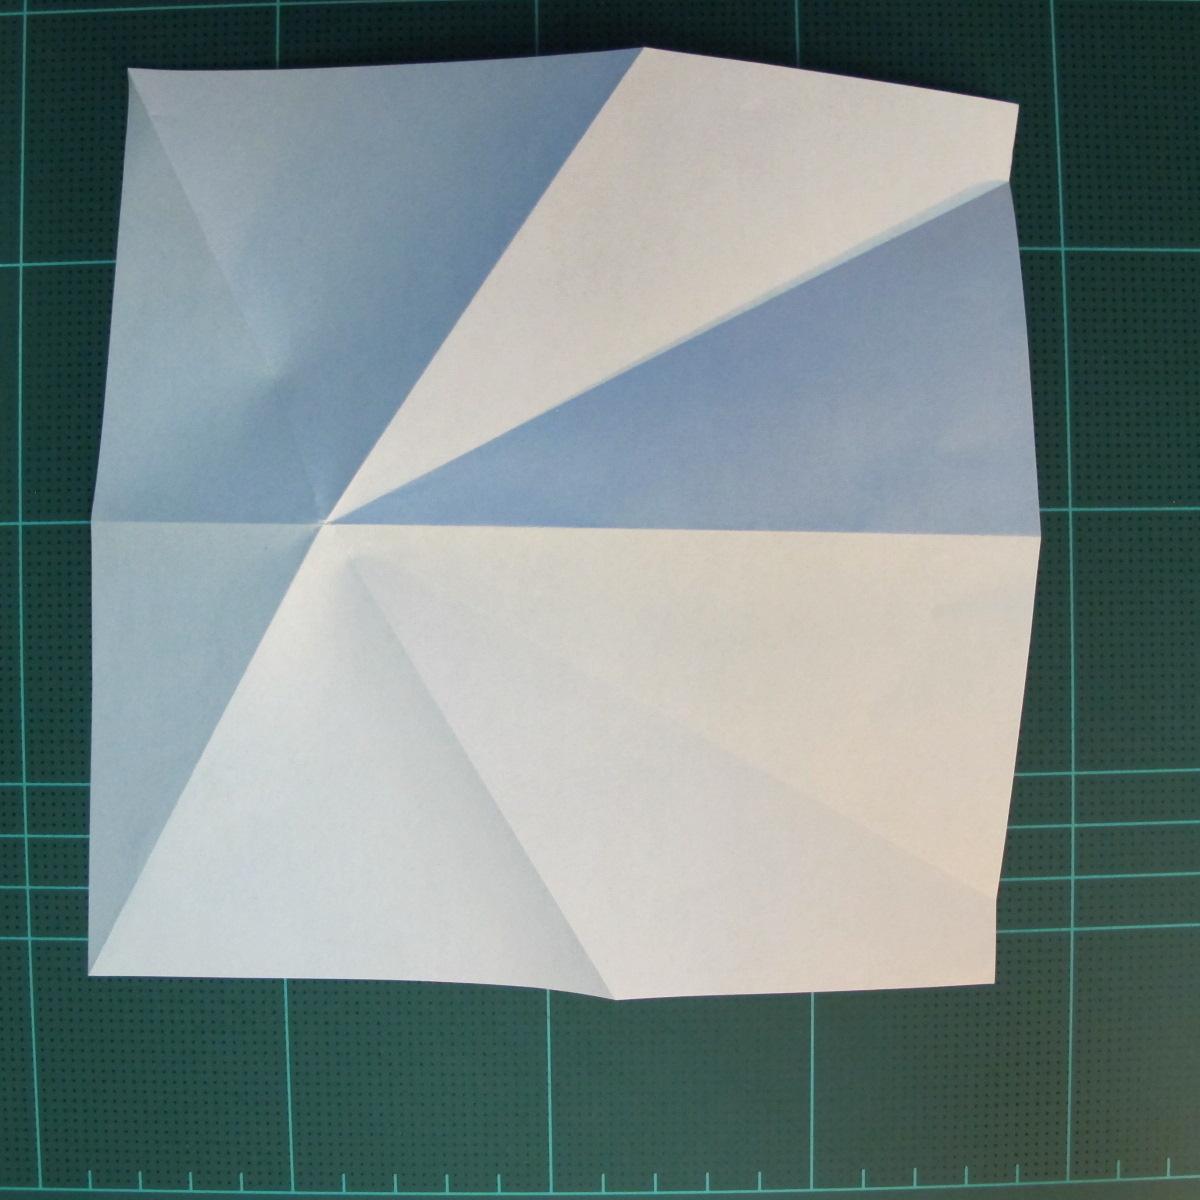 วิธีการพับกระดาษเป็นรูปกบ (แบบโคลัมเบี้ยน) (Origami Frog) 015